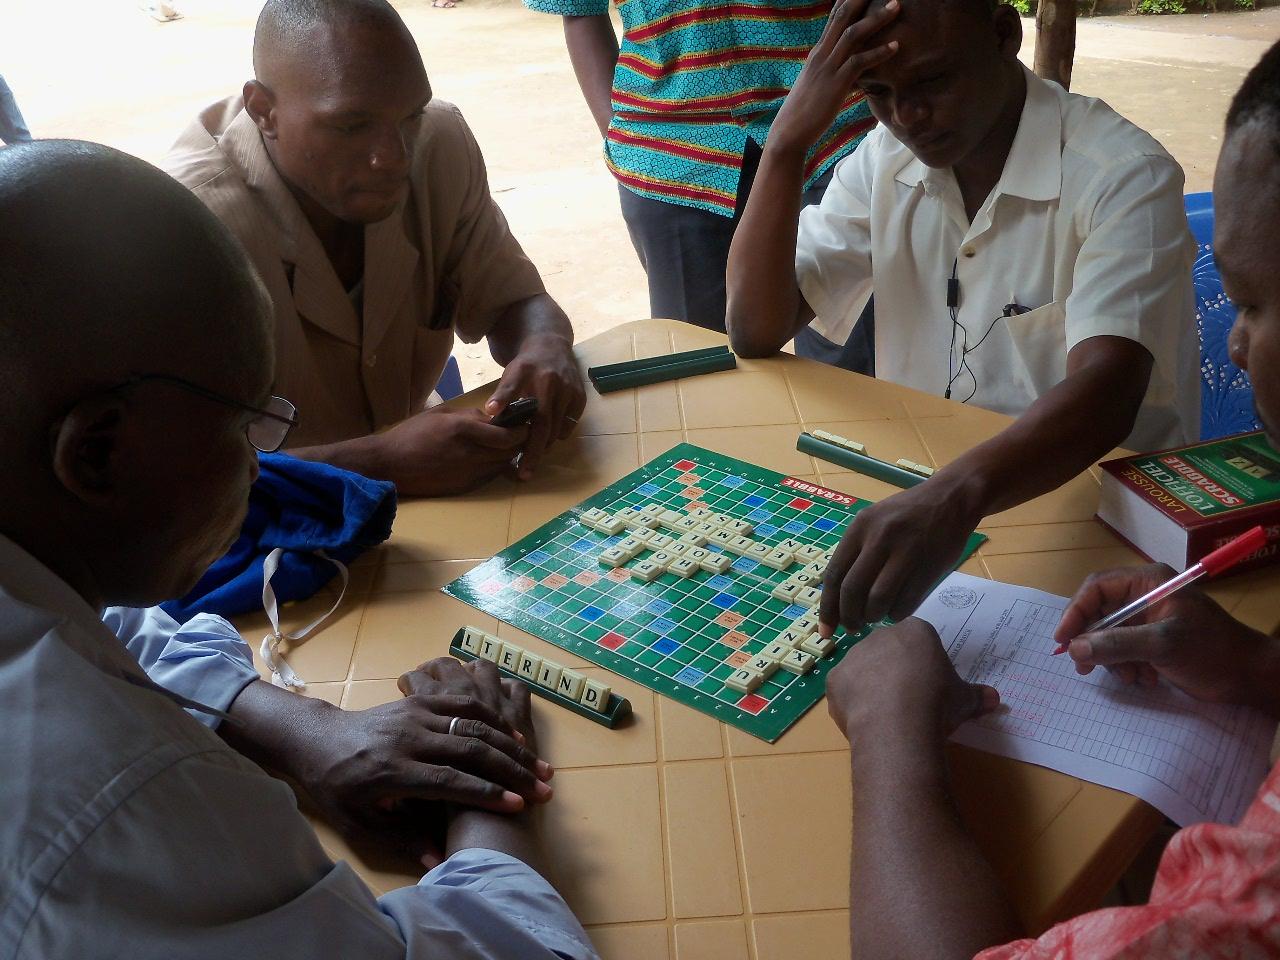 Jeux De Lettres : La 3E Édition De Compétition De Scrabble dedans Jeux De Compétition